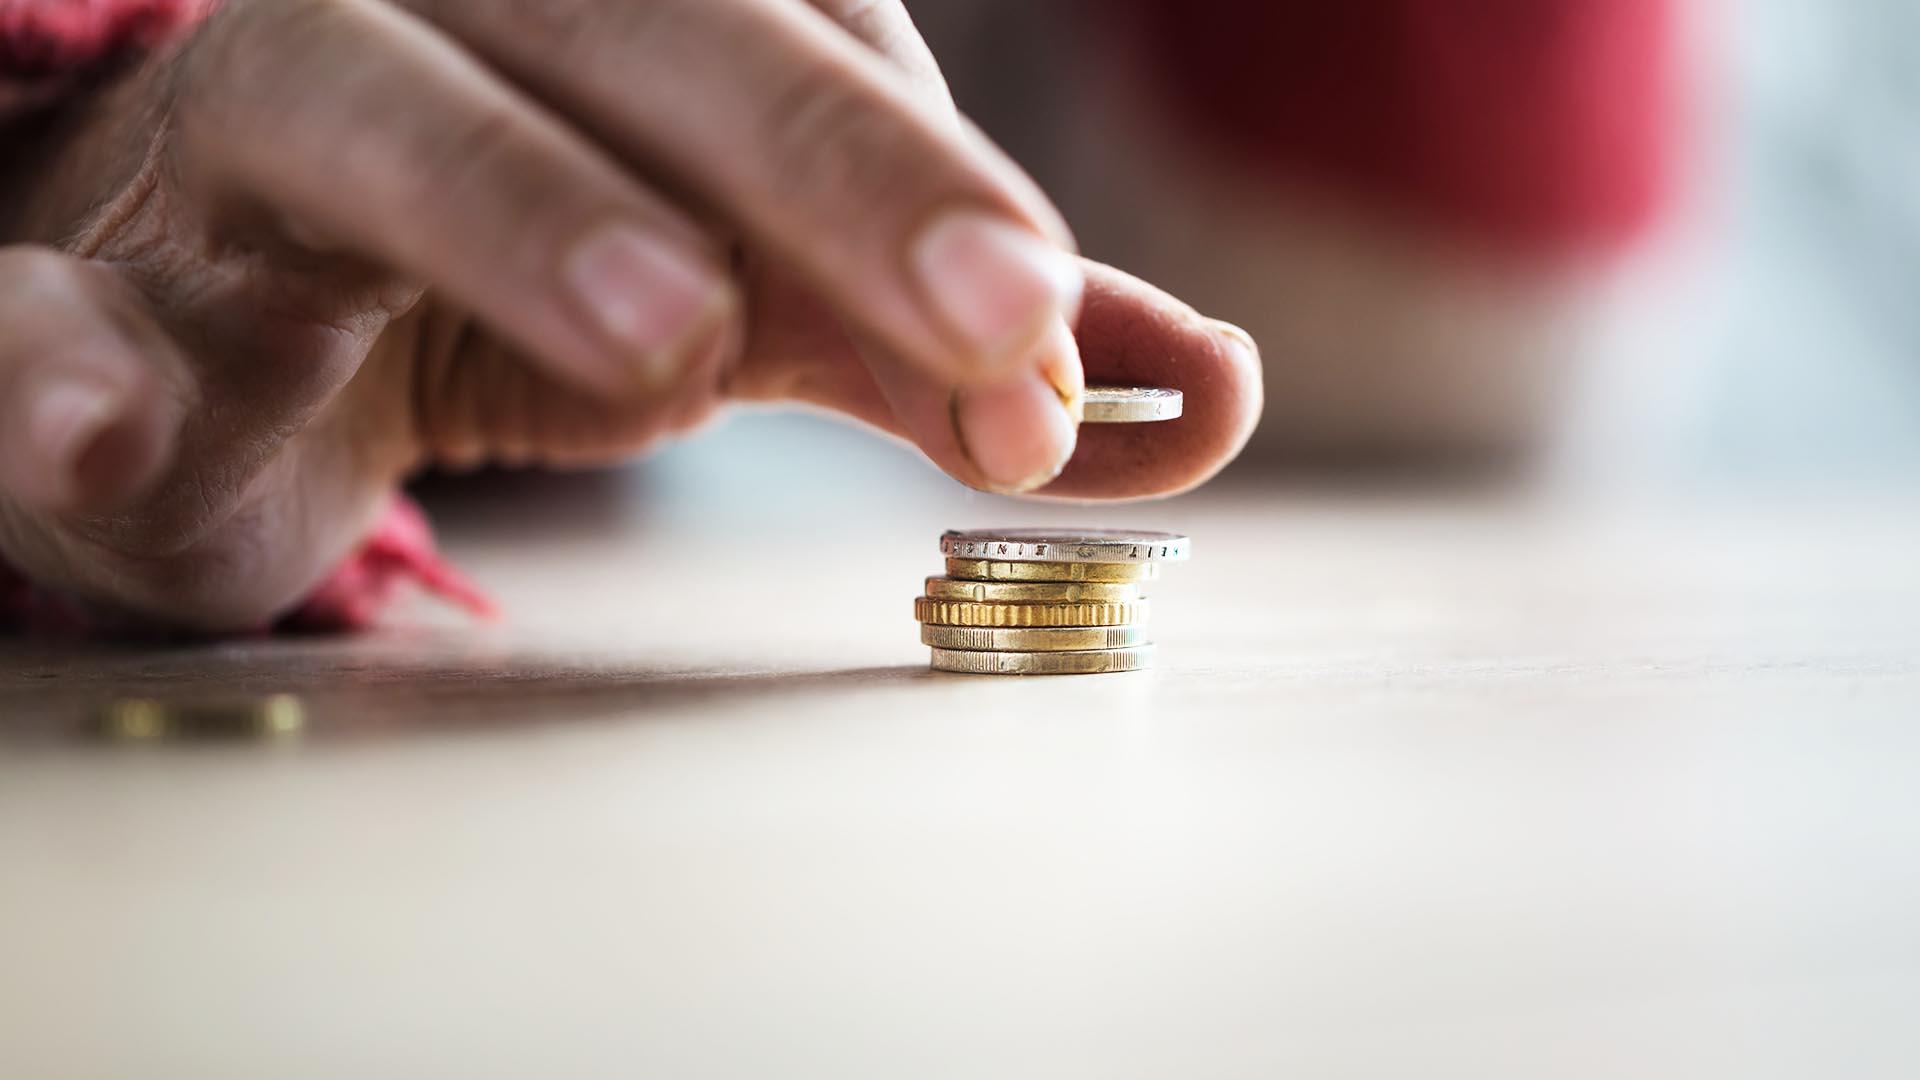 Kann ein Kostenlimit für meinen Auftrag festgelegt werden?